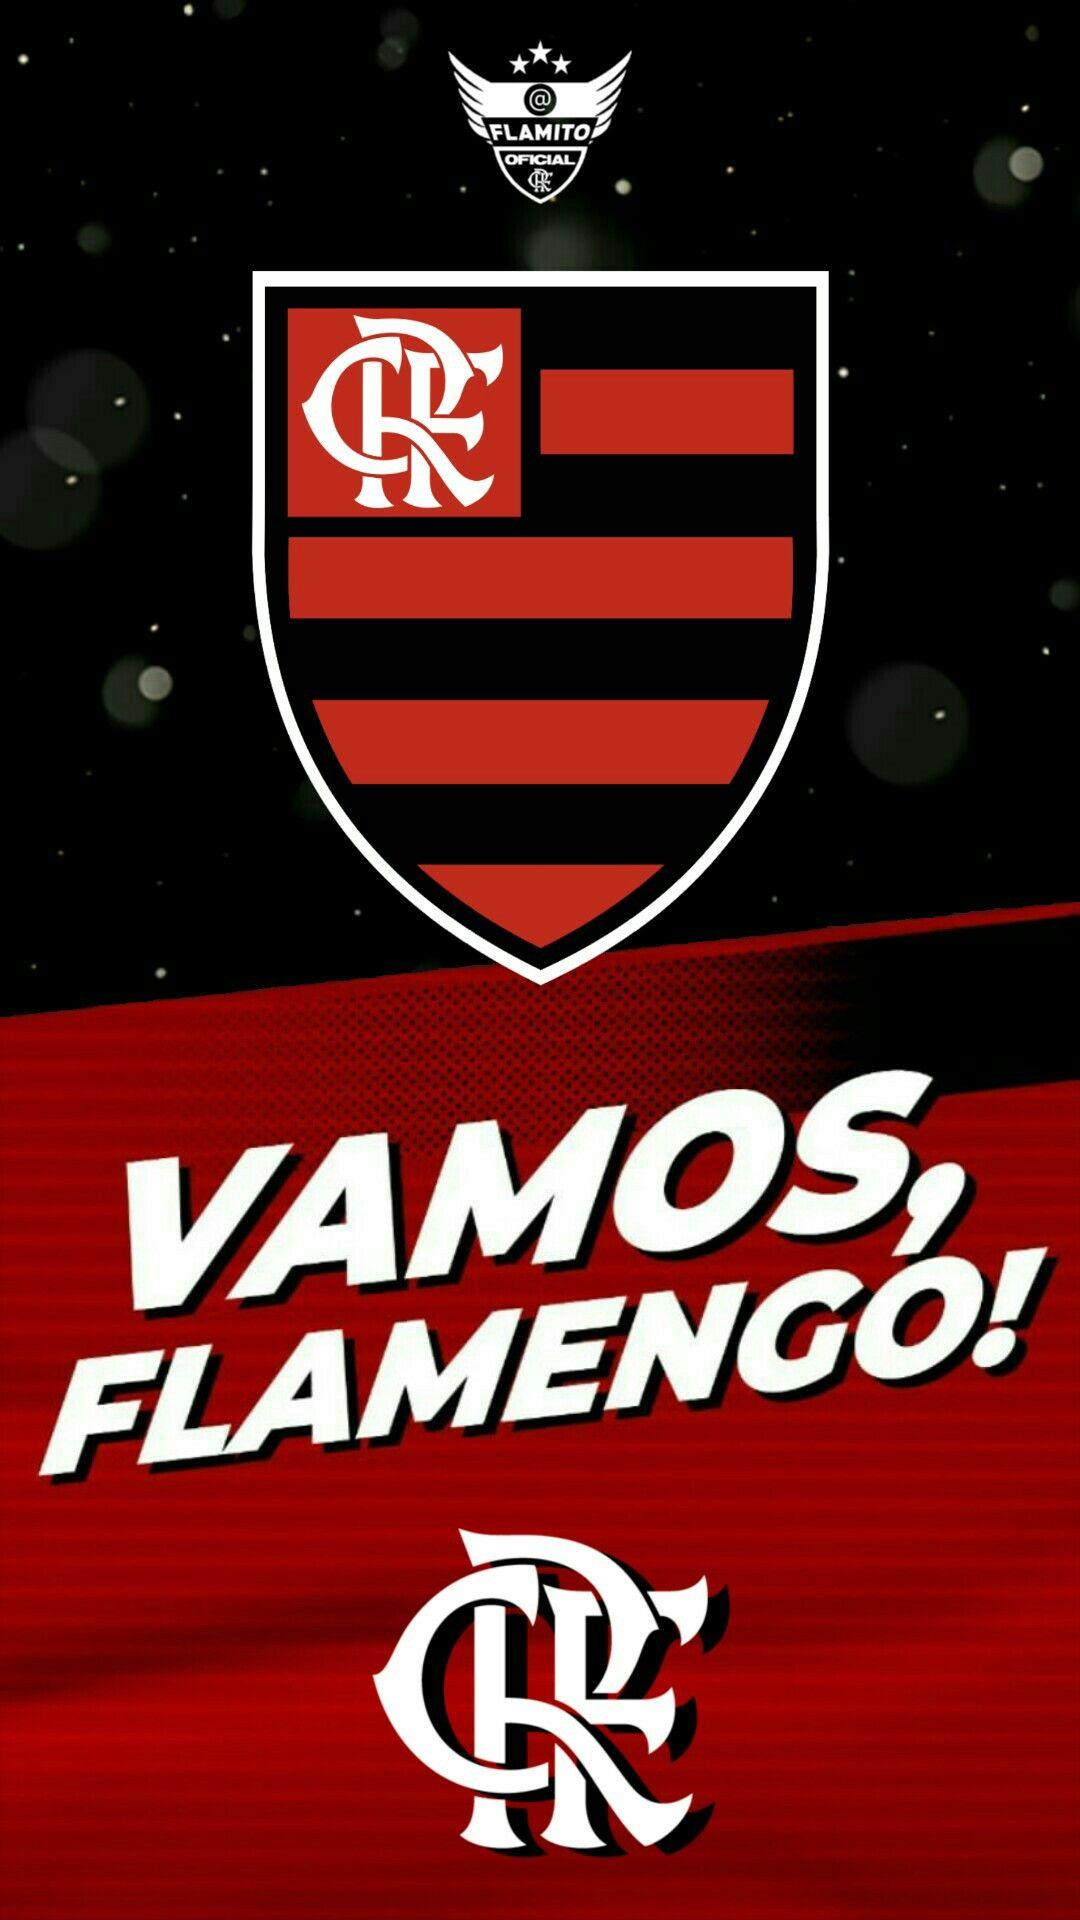 Pin de Flamito Oficial em Mengão em 2020 Libertadores